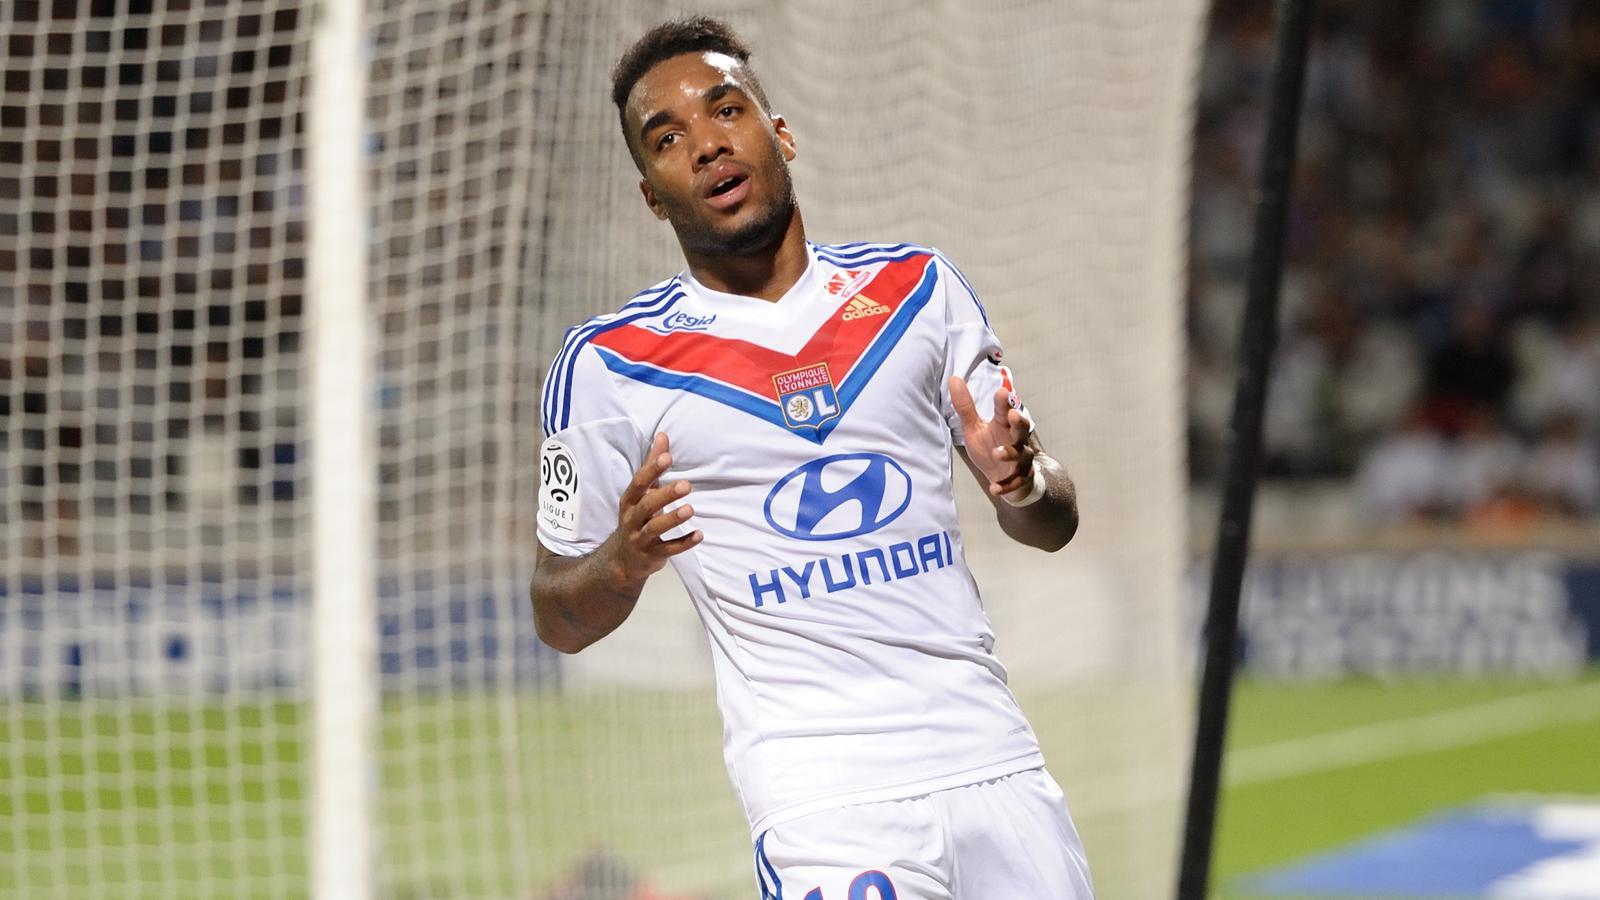 Lyon troyes pas de gourcuff lacazette en 10 coupe de la ligue 2013 2014 football eurosport - Coupe de la ligue 2013 2014 ...